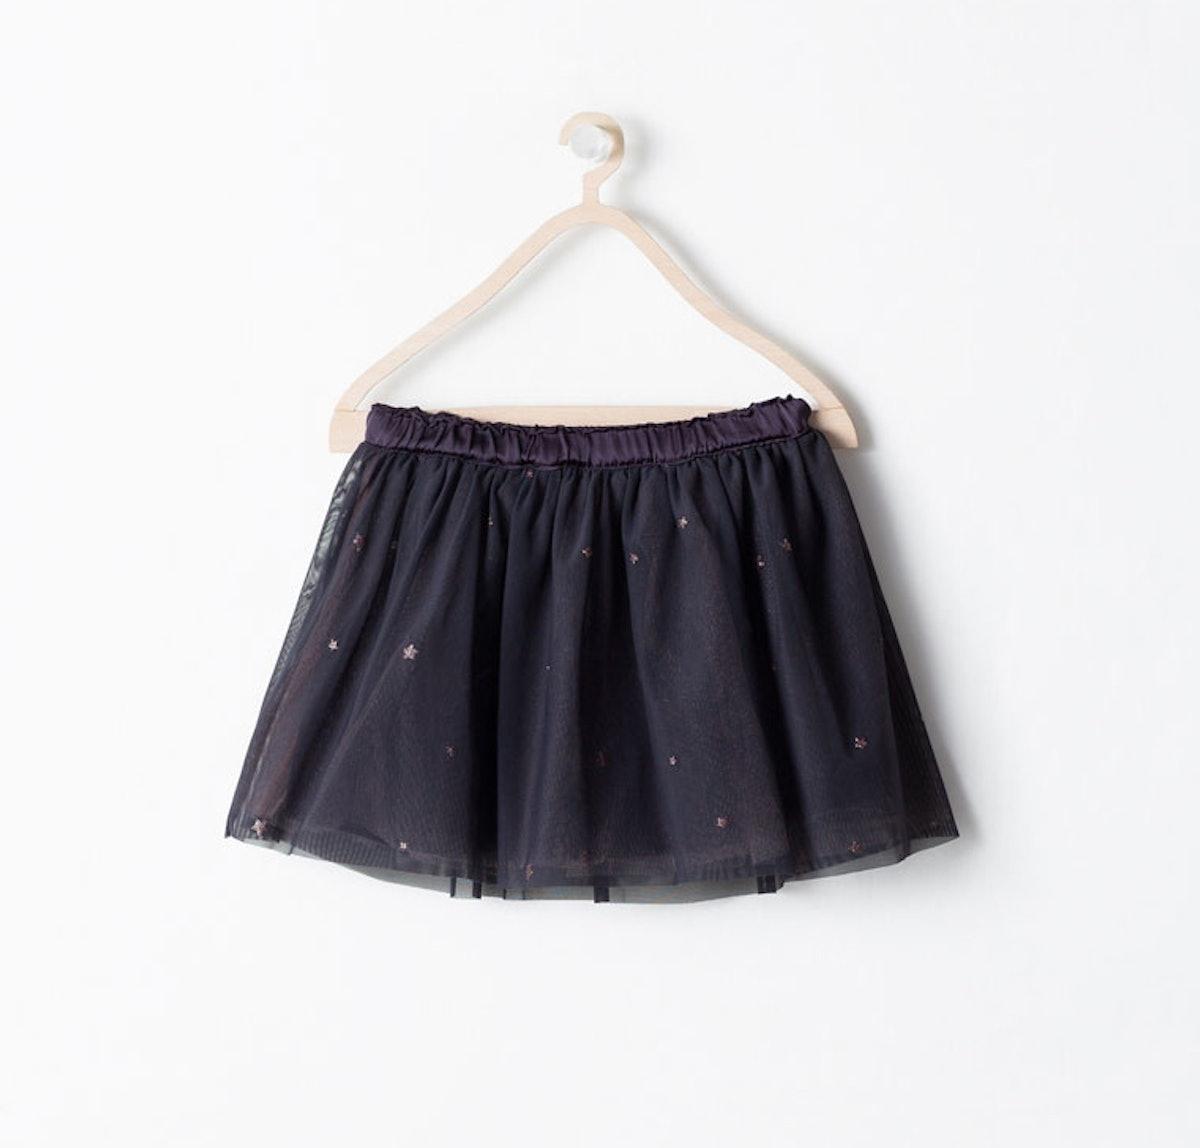 Zara skirt,